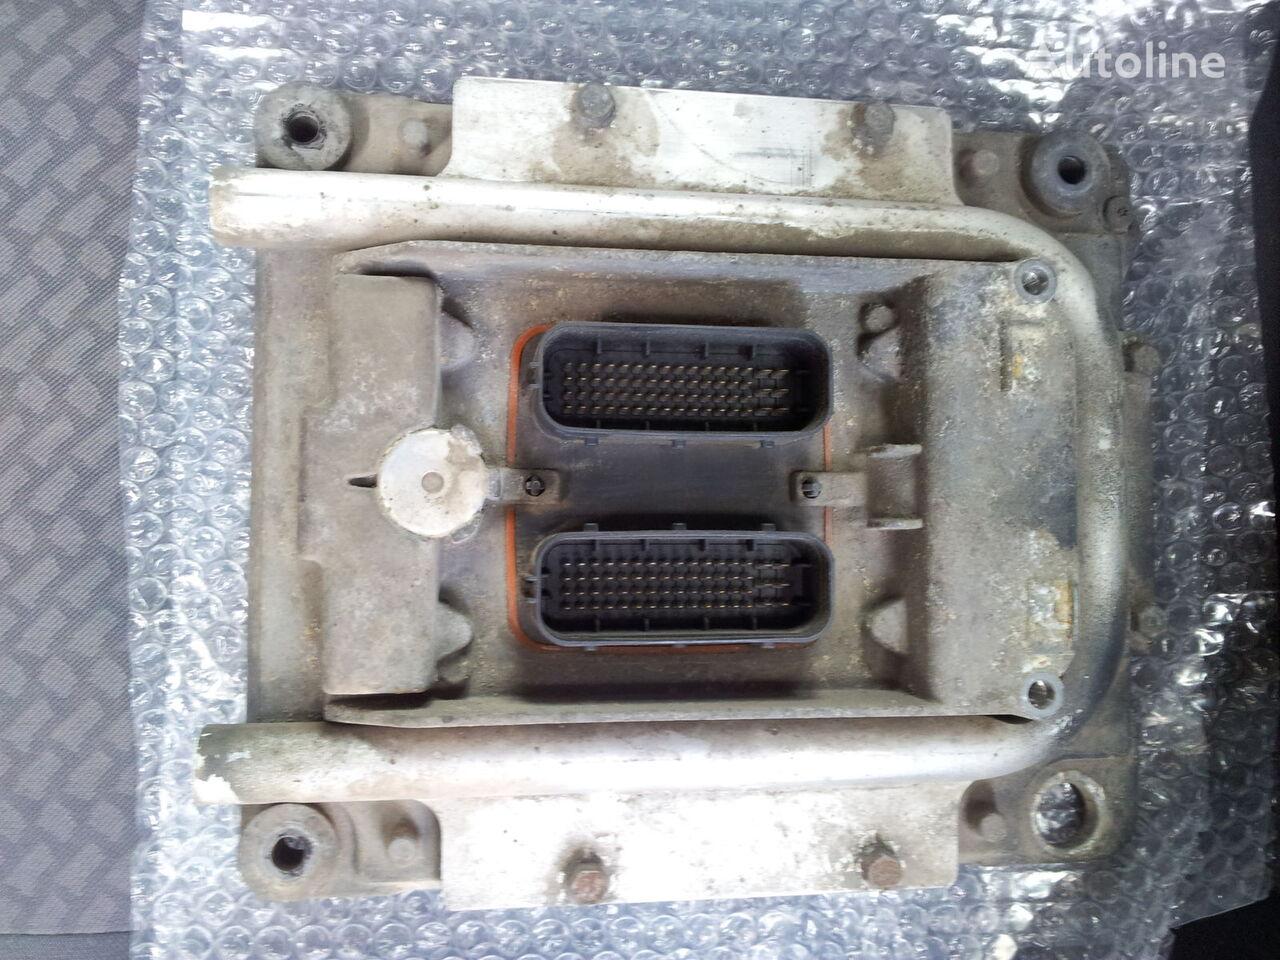 centralina  Renault VOLVO FH13, ECU control unit, 440PS, engine control unit, 20561252 P02, 20814604, 20977019, 21300122, 85123379, 85111591, 85110111, 85000776, 85000847, 85003360 per trattore stradale RENAULT Premium DXI